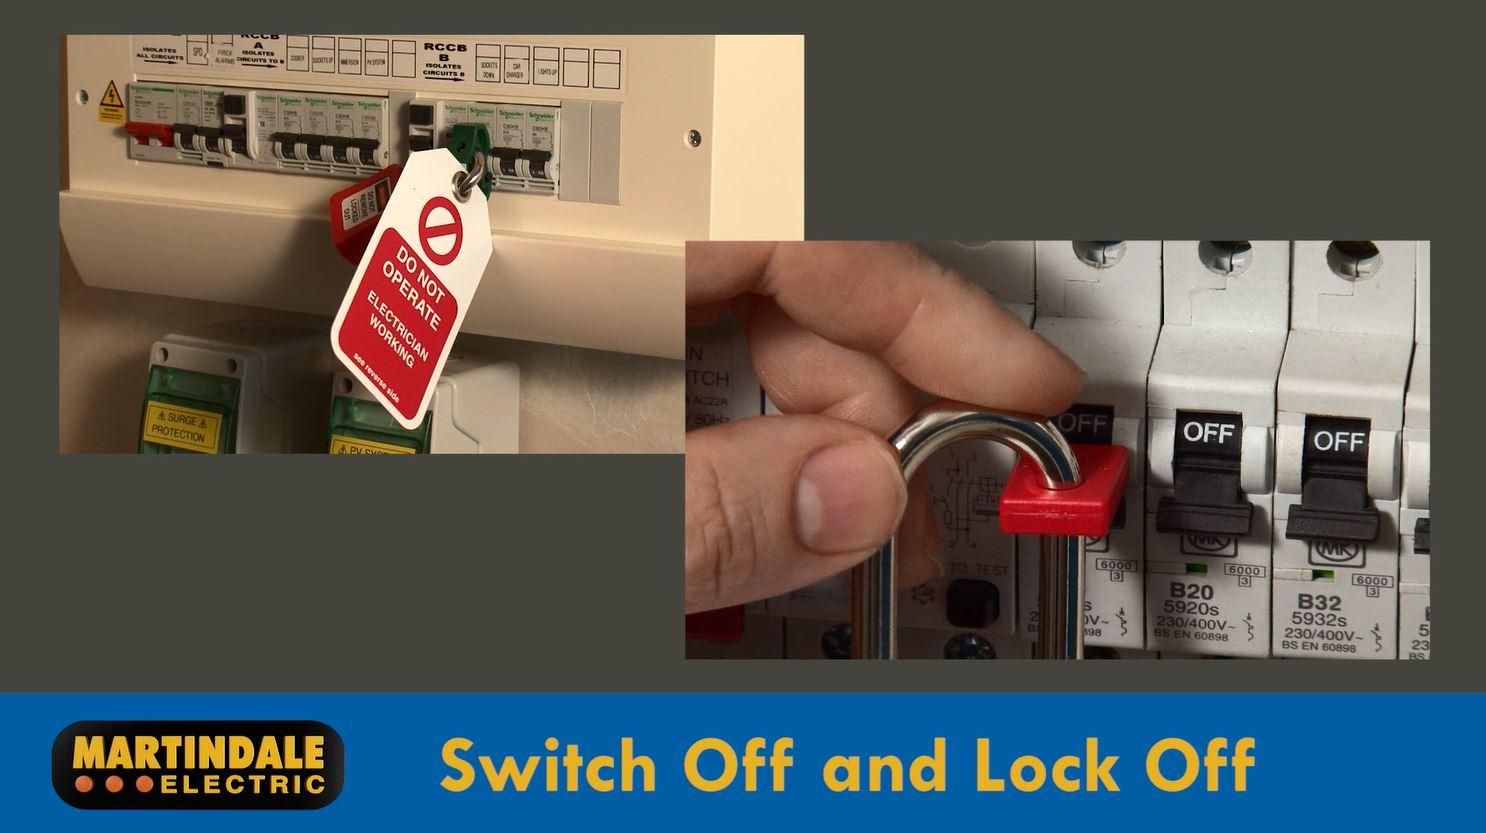 safe isolation procedures \u0026 proper equipment save lives